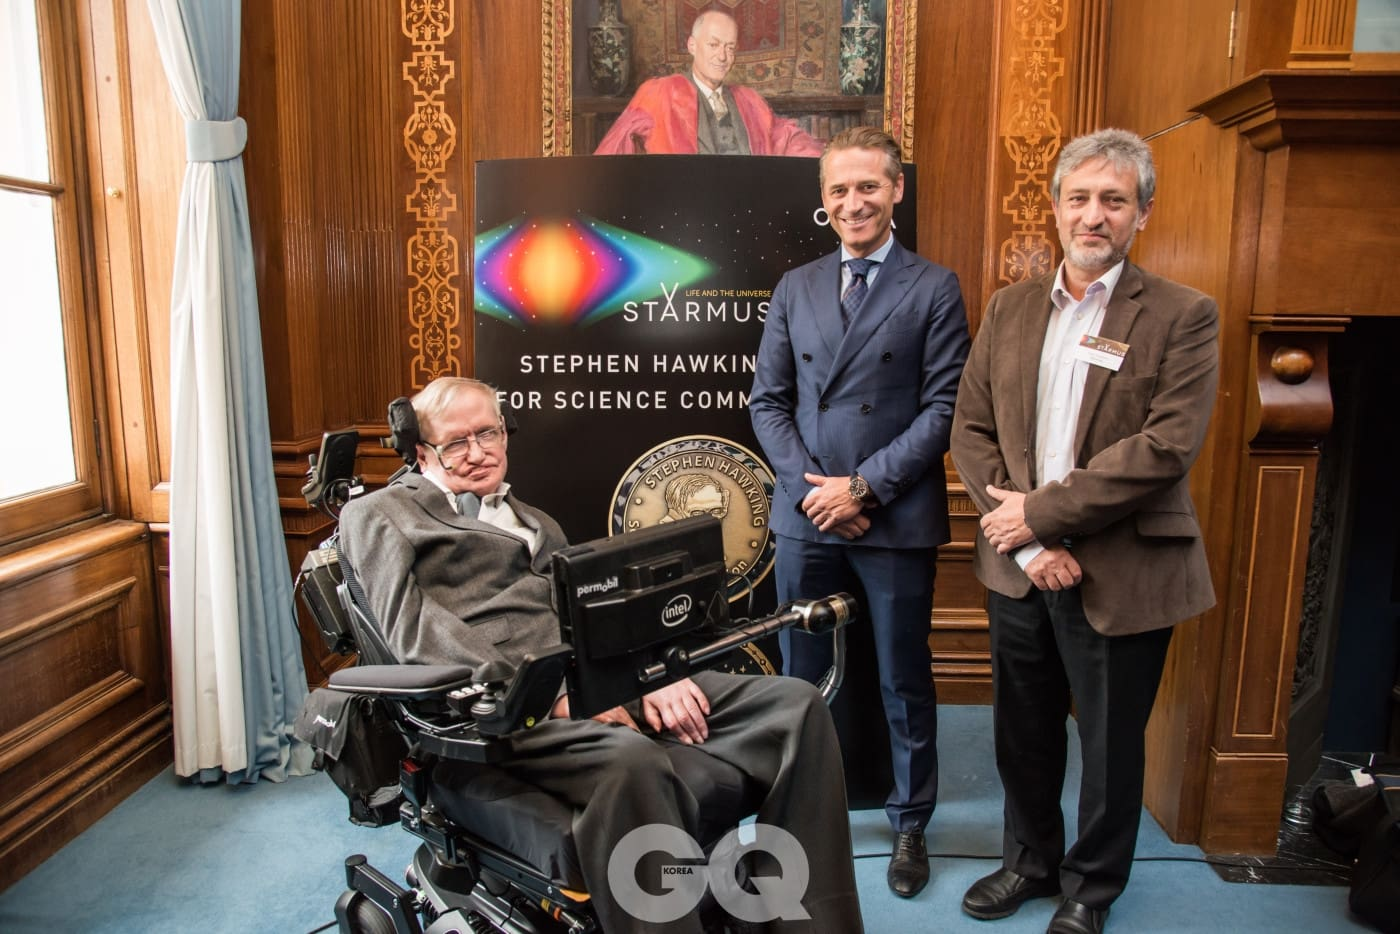 (왼쪽부터) 기자회견에 동석한 스티븐 호킹 교수, 오메가 CEO 레이날드 애슐리만, 스타머스 페스티벌 창립자 가릭 이스라엘리언.